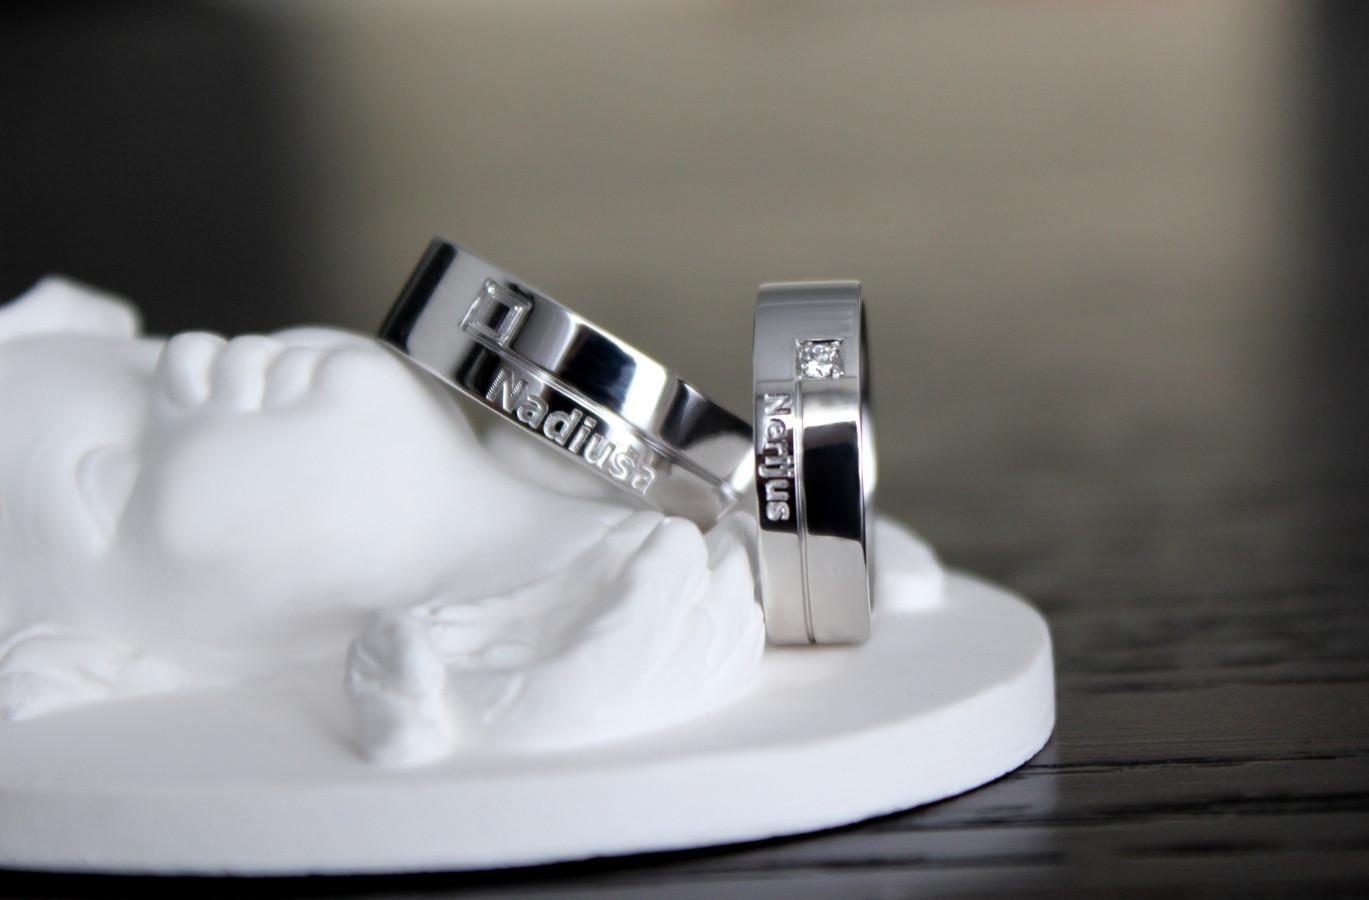 Balto aukso, rodžiuoti vestuviniai žiedai su deimantu. Graviruotas paviršius.